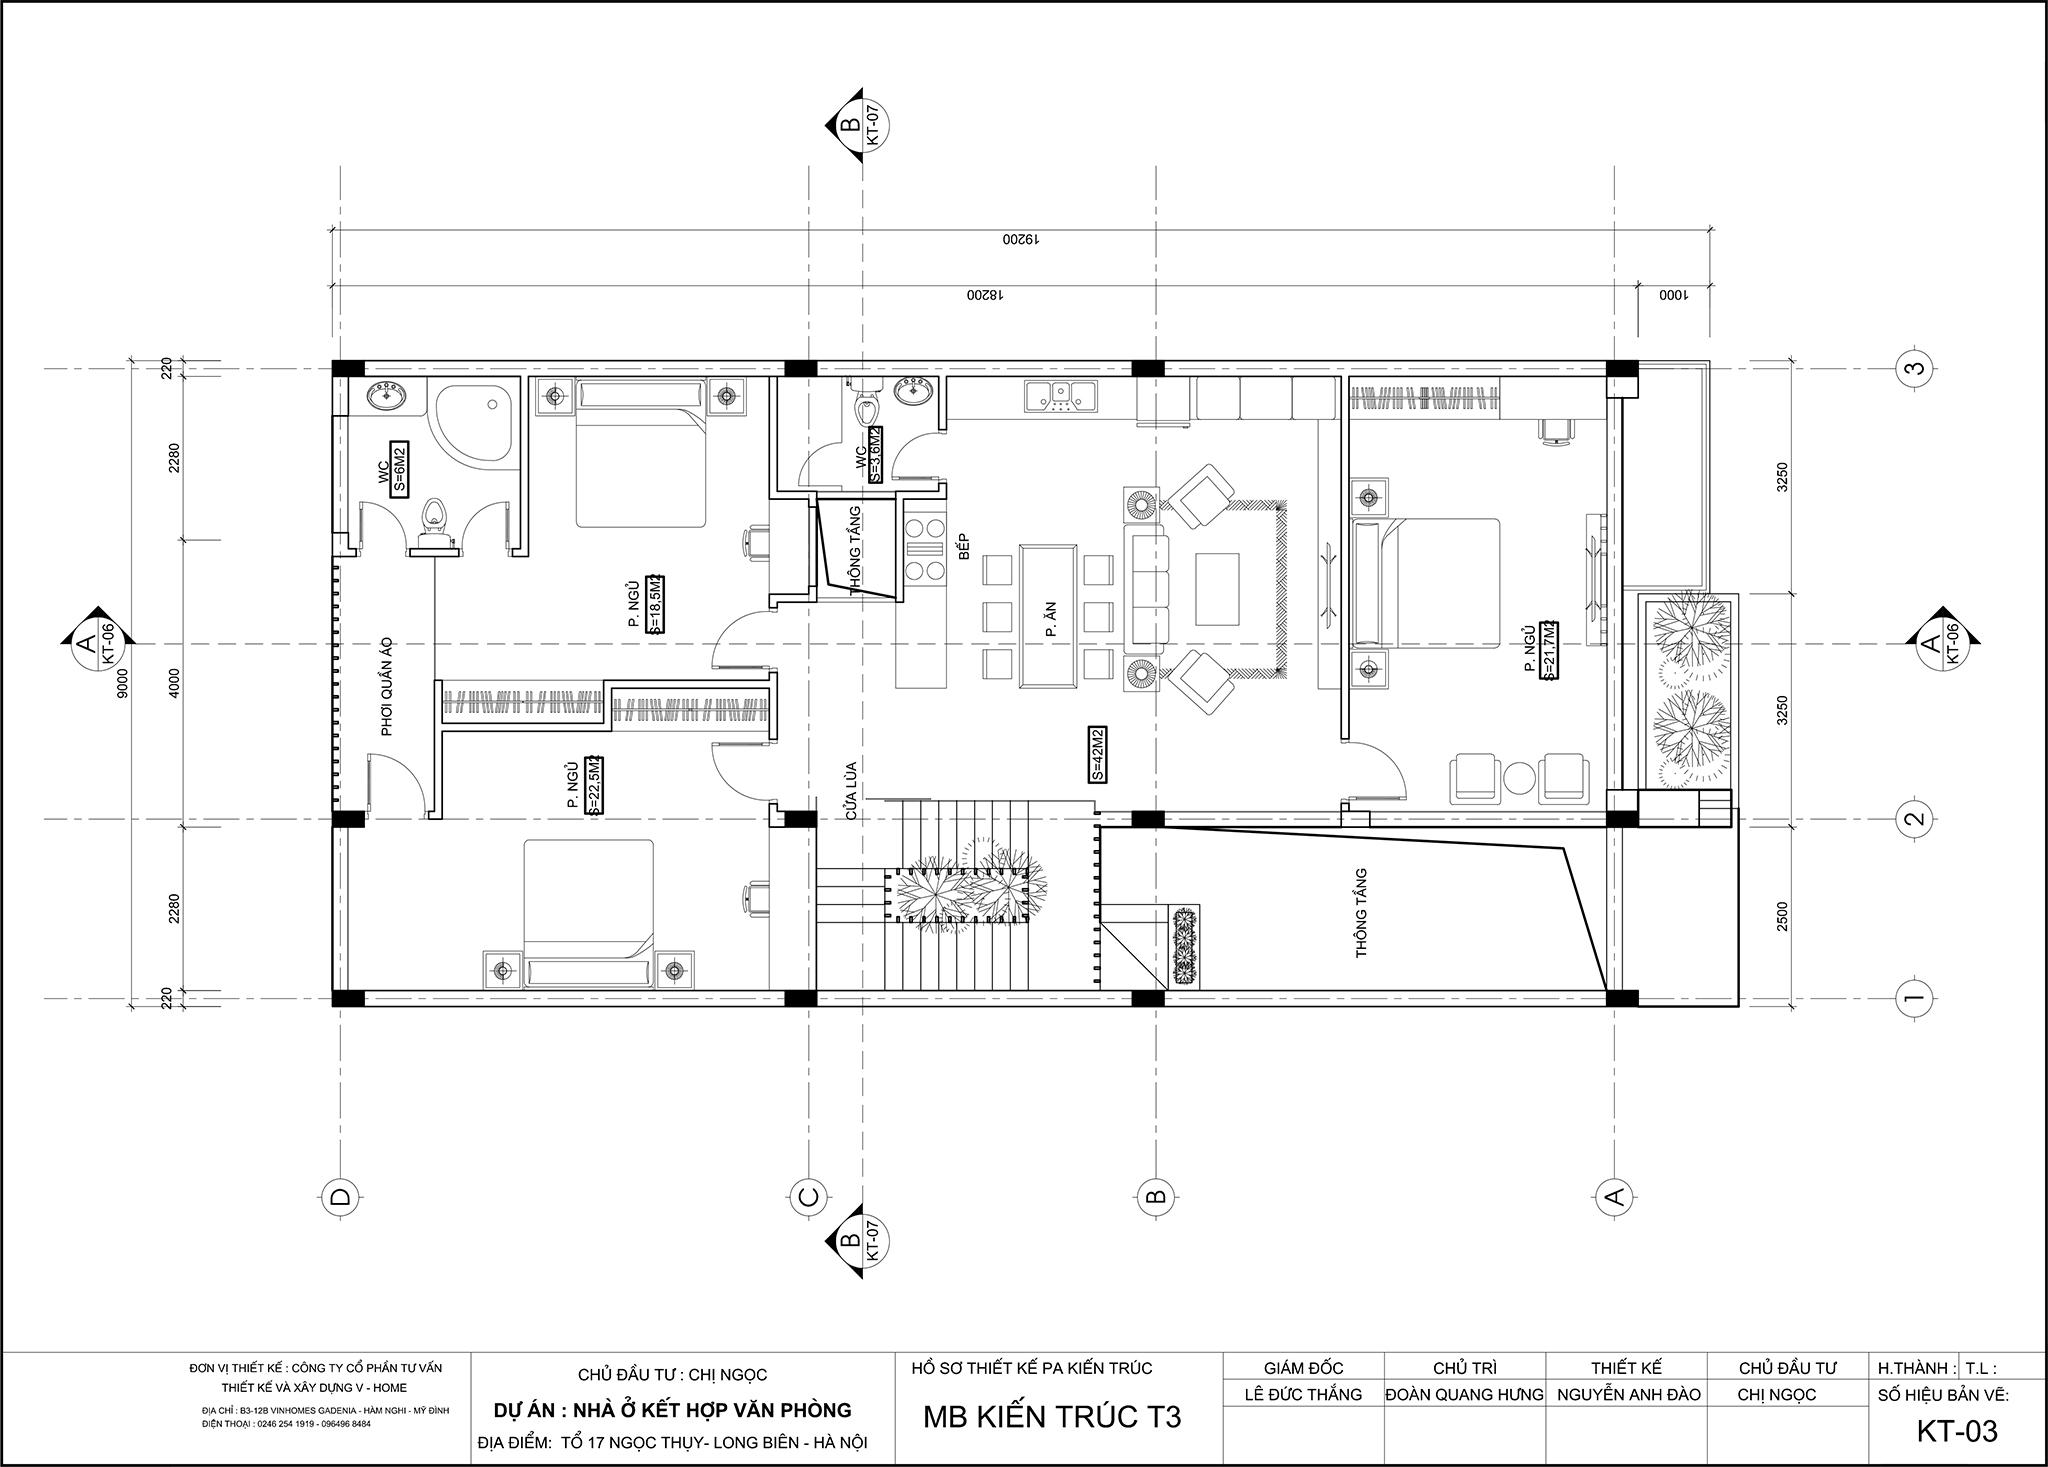 thiet-ke-nha-lo-pho-6 Thiết kế nhà lô phố tại Long Biên - C. Ngọc